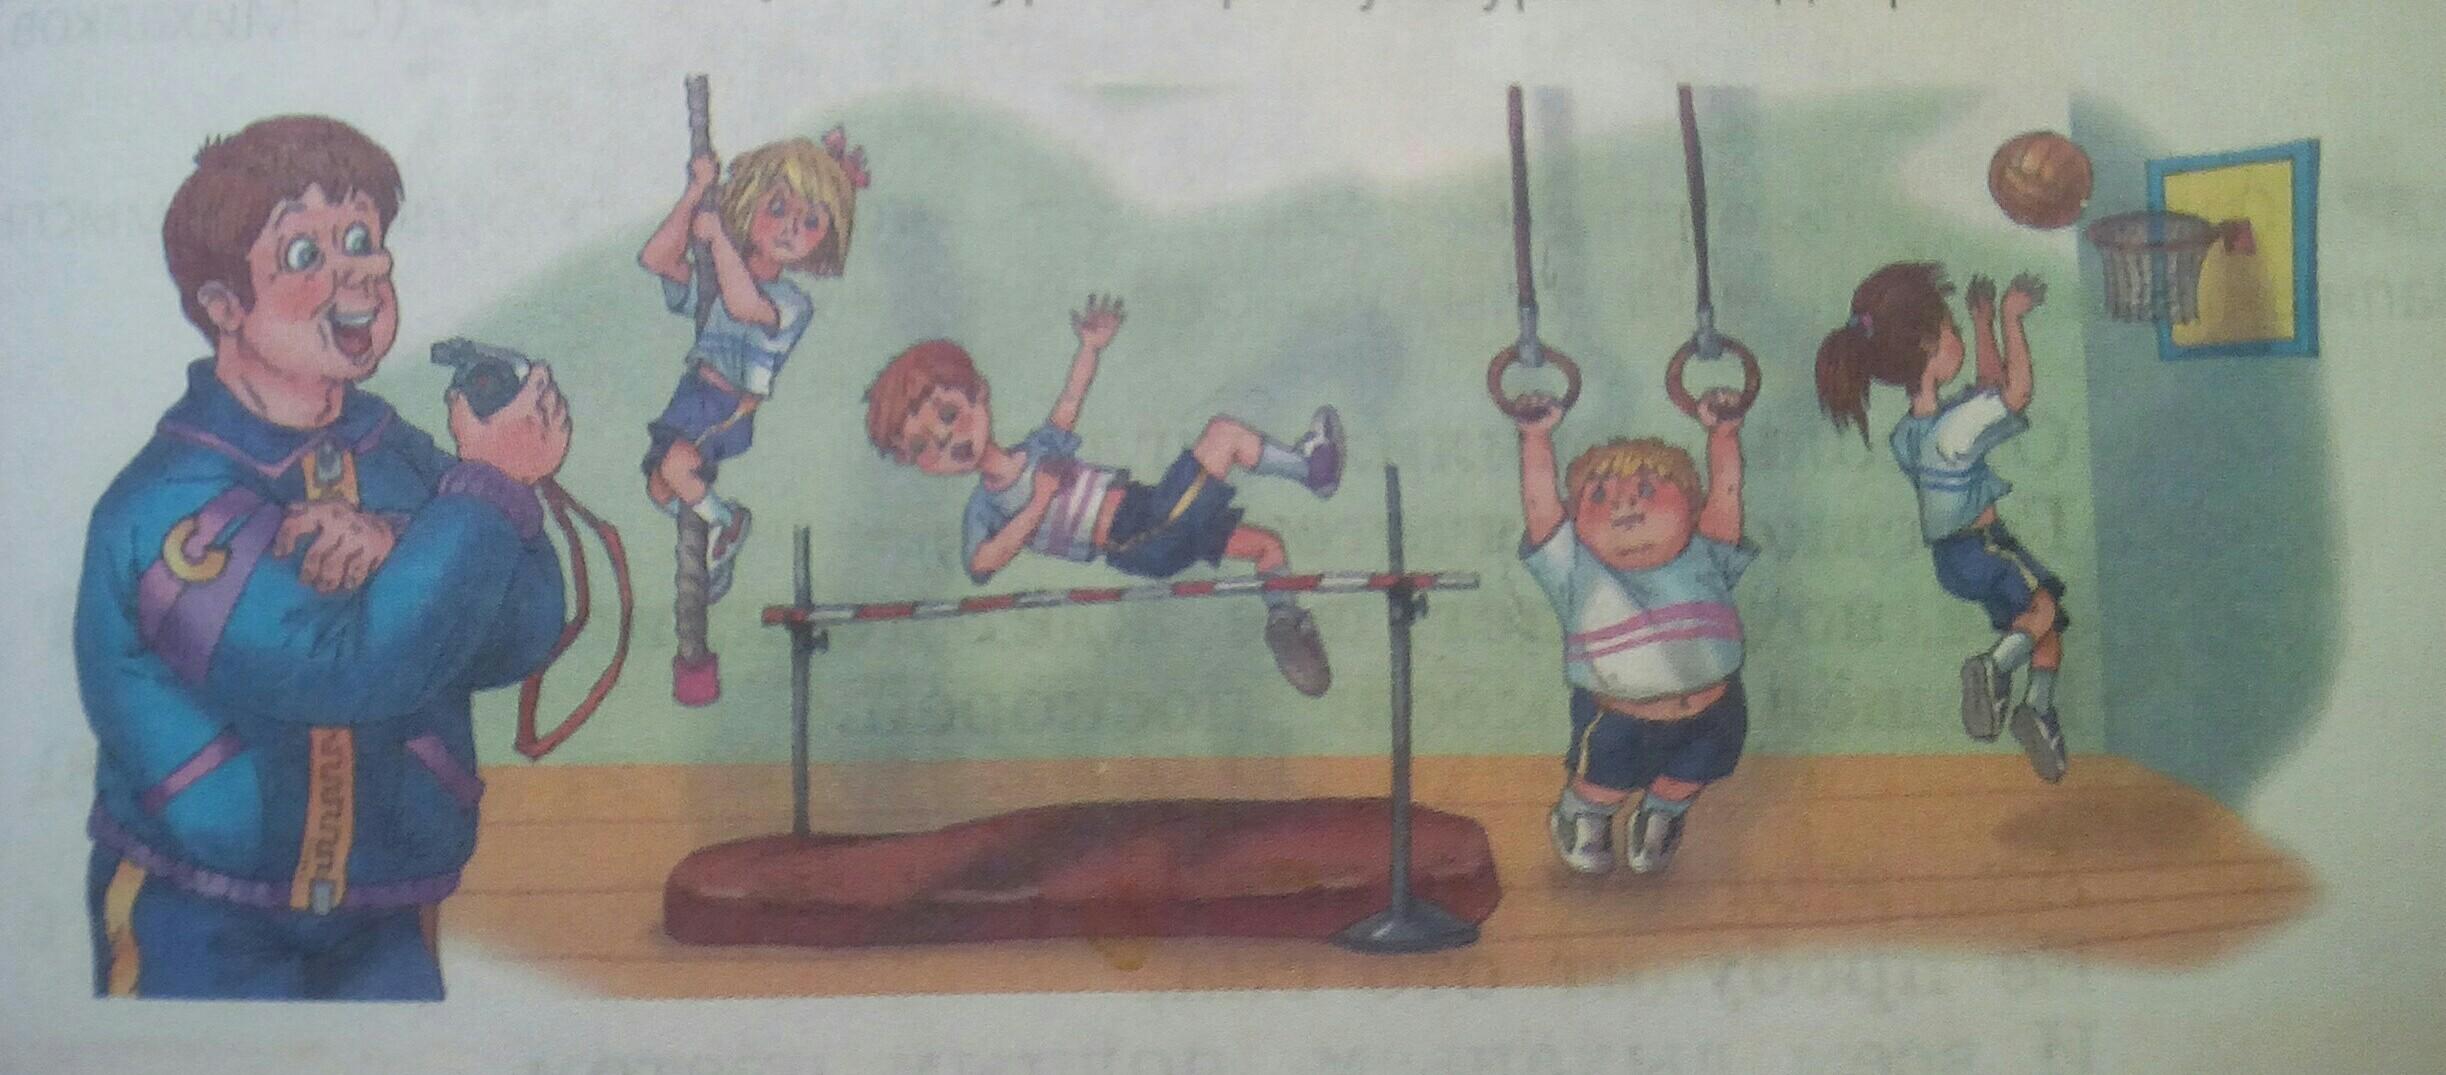 мужественный школа прикольные картинки урок физкультуры крайне бдительными открывать